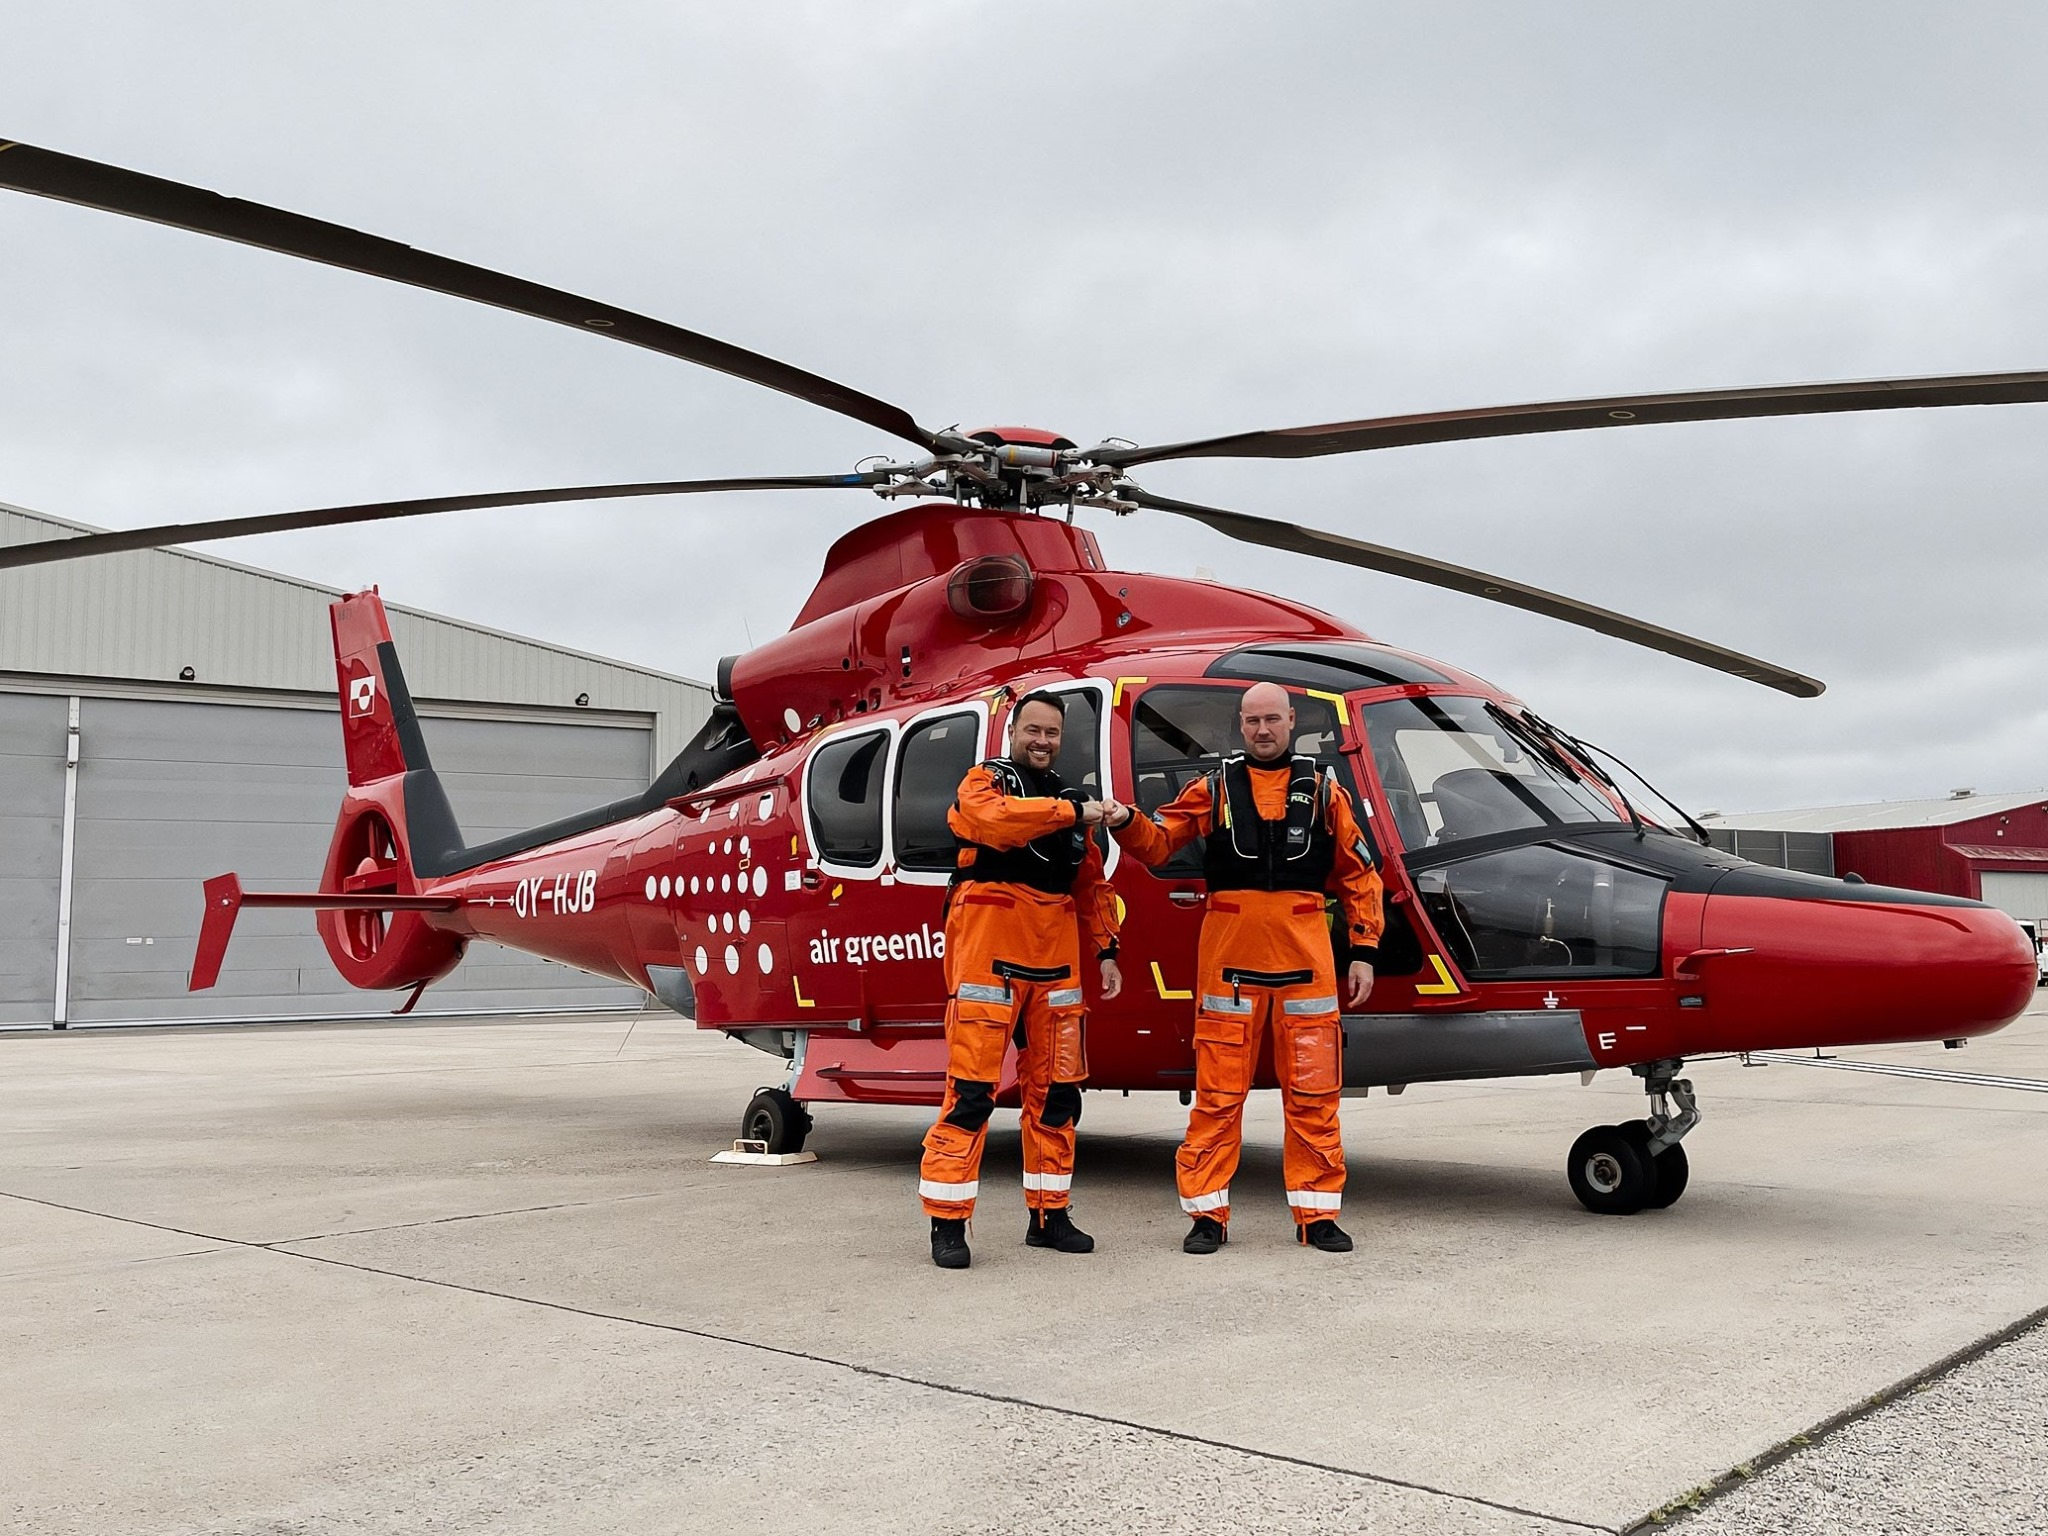 Air Greenlands nye helikopter ved afgangen fra Belgien. (Foto: Air Greenland)